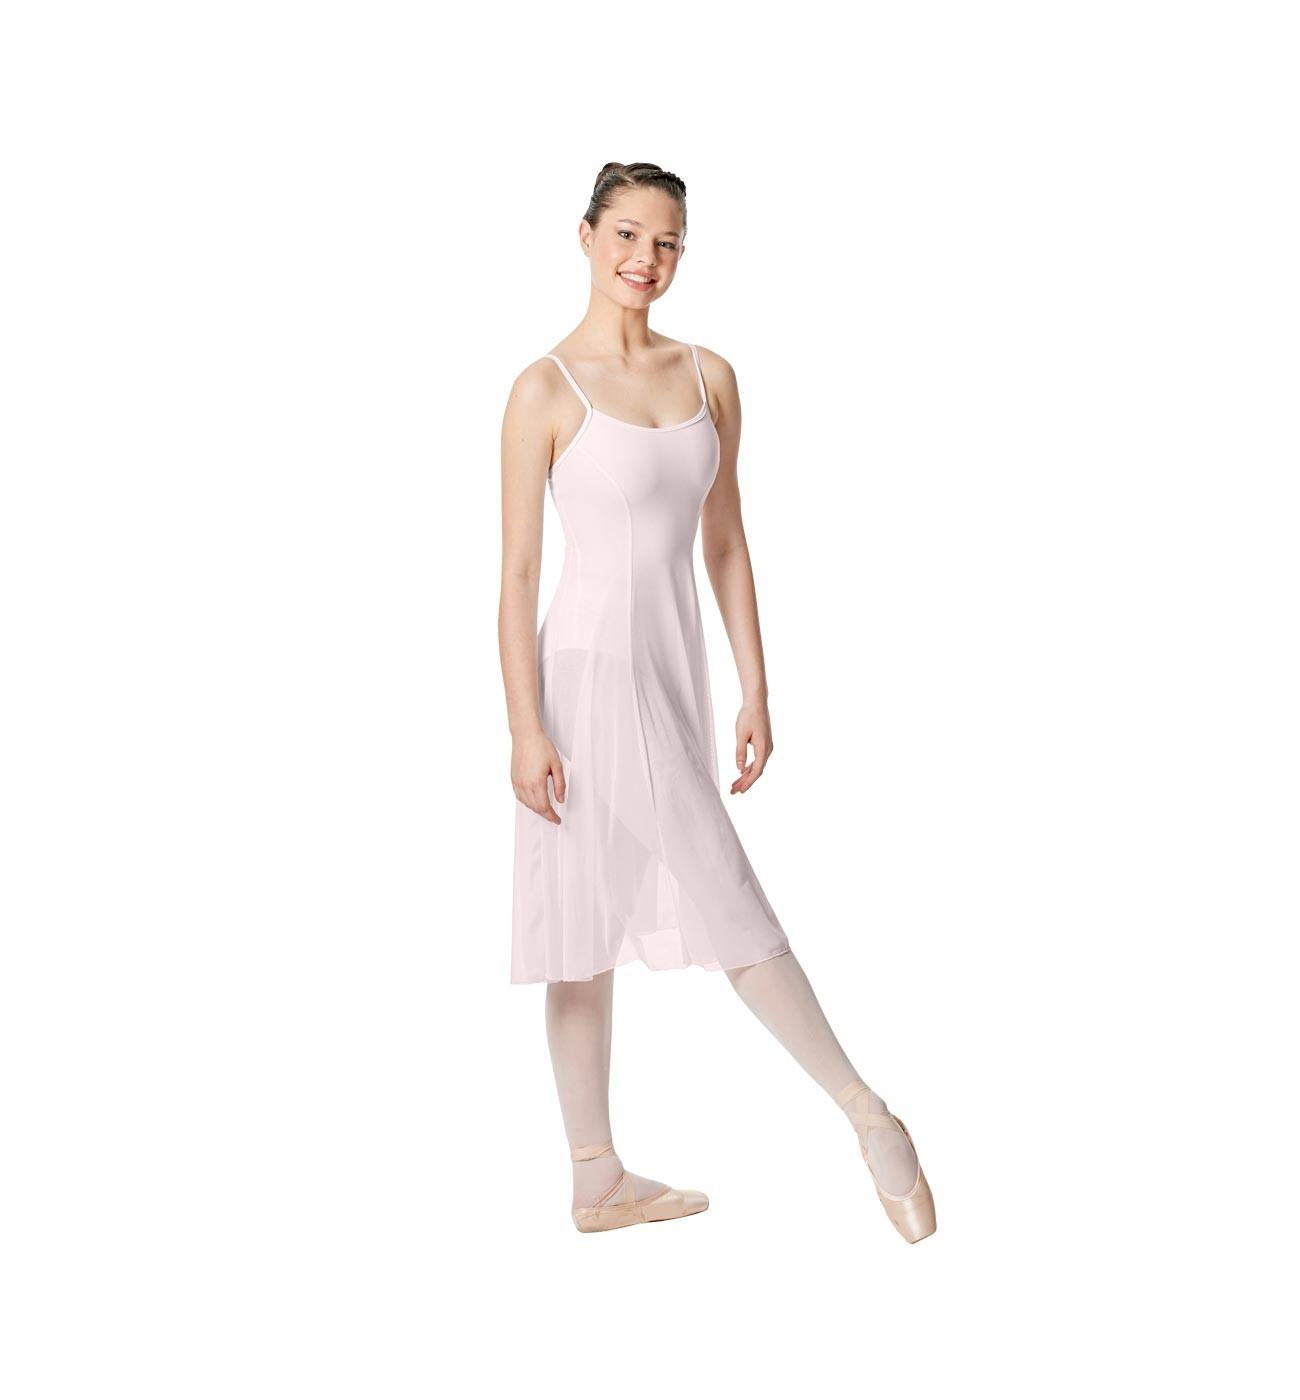 ורוד שמלת בלט Claire של Lulli עם רשת ארוכה במיוחד LUB256